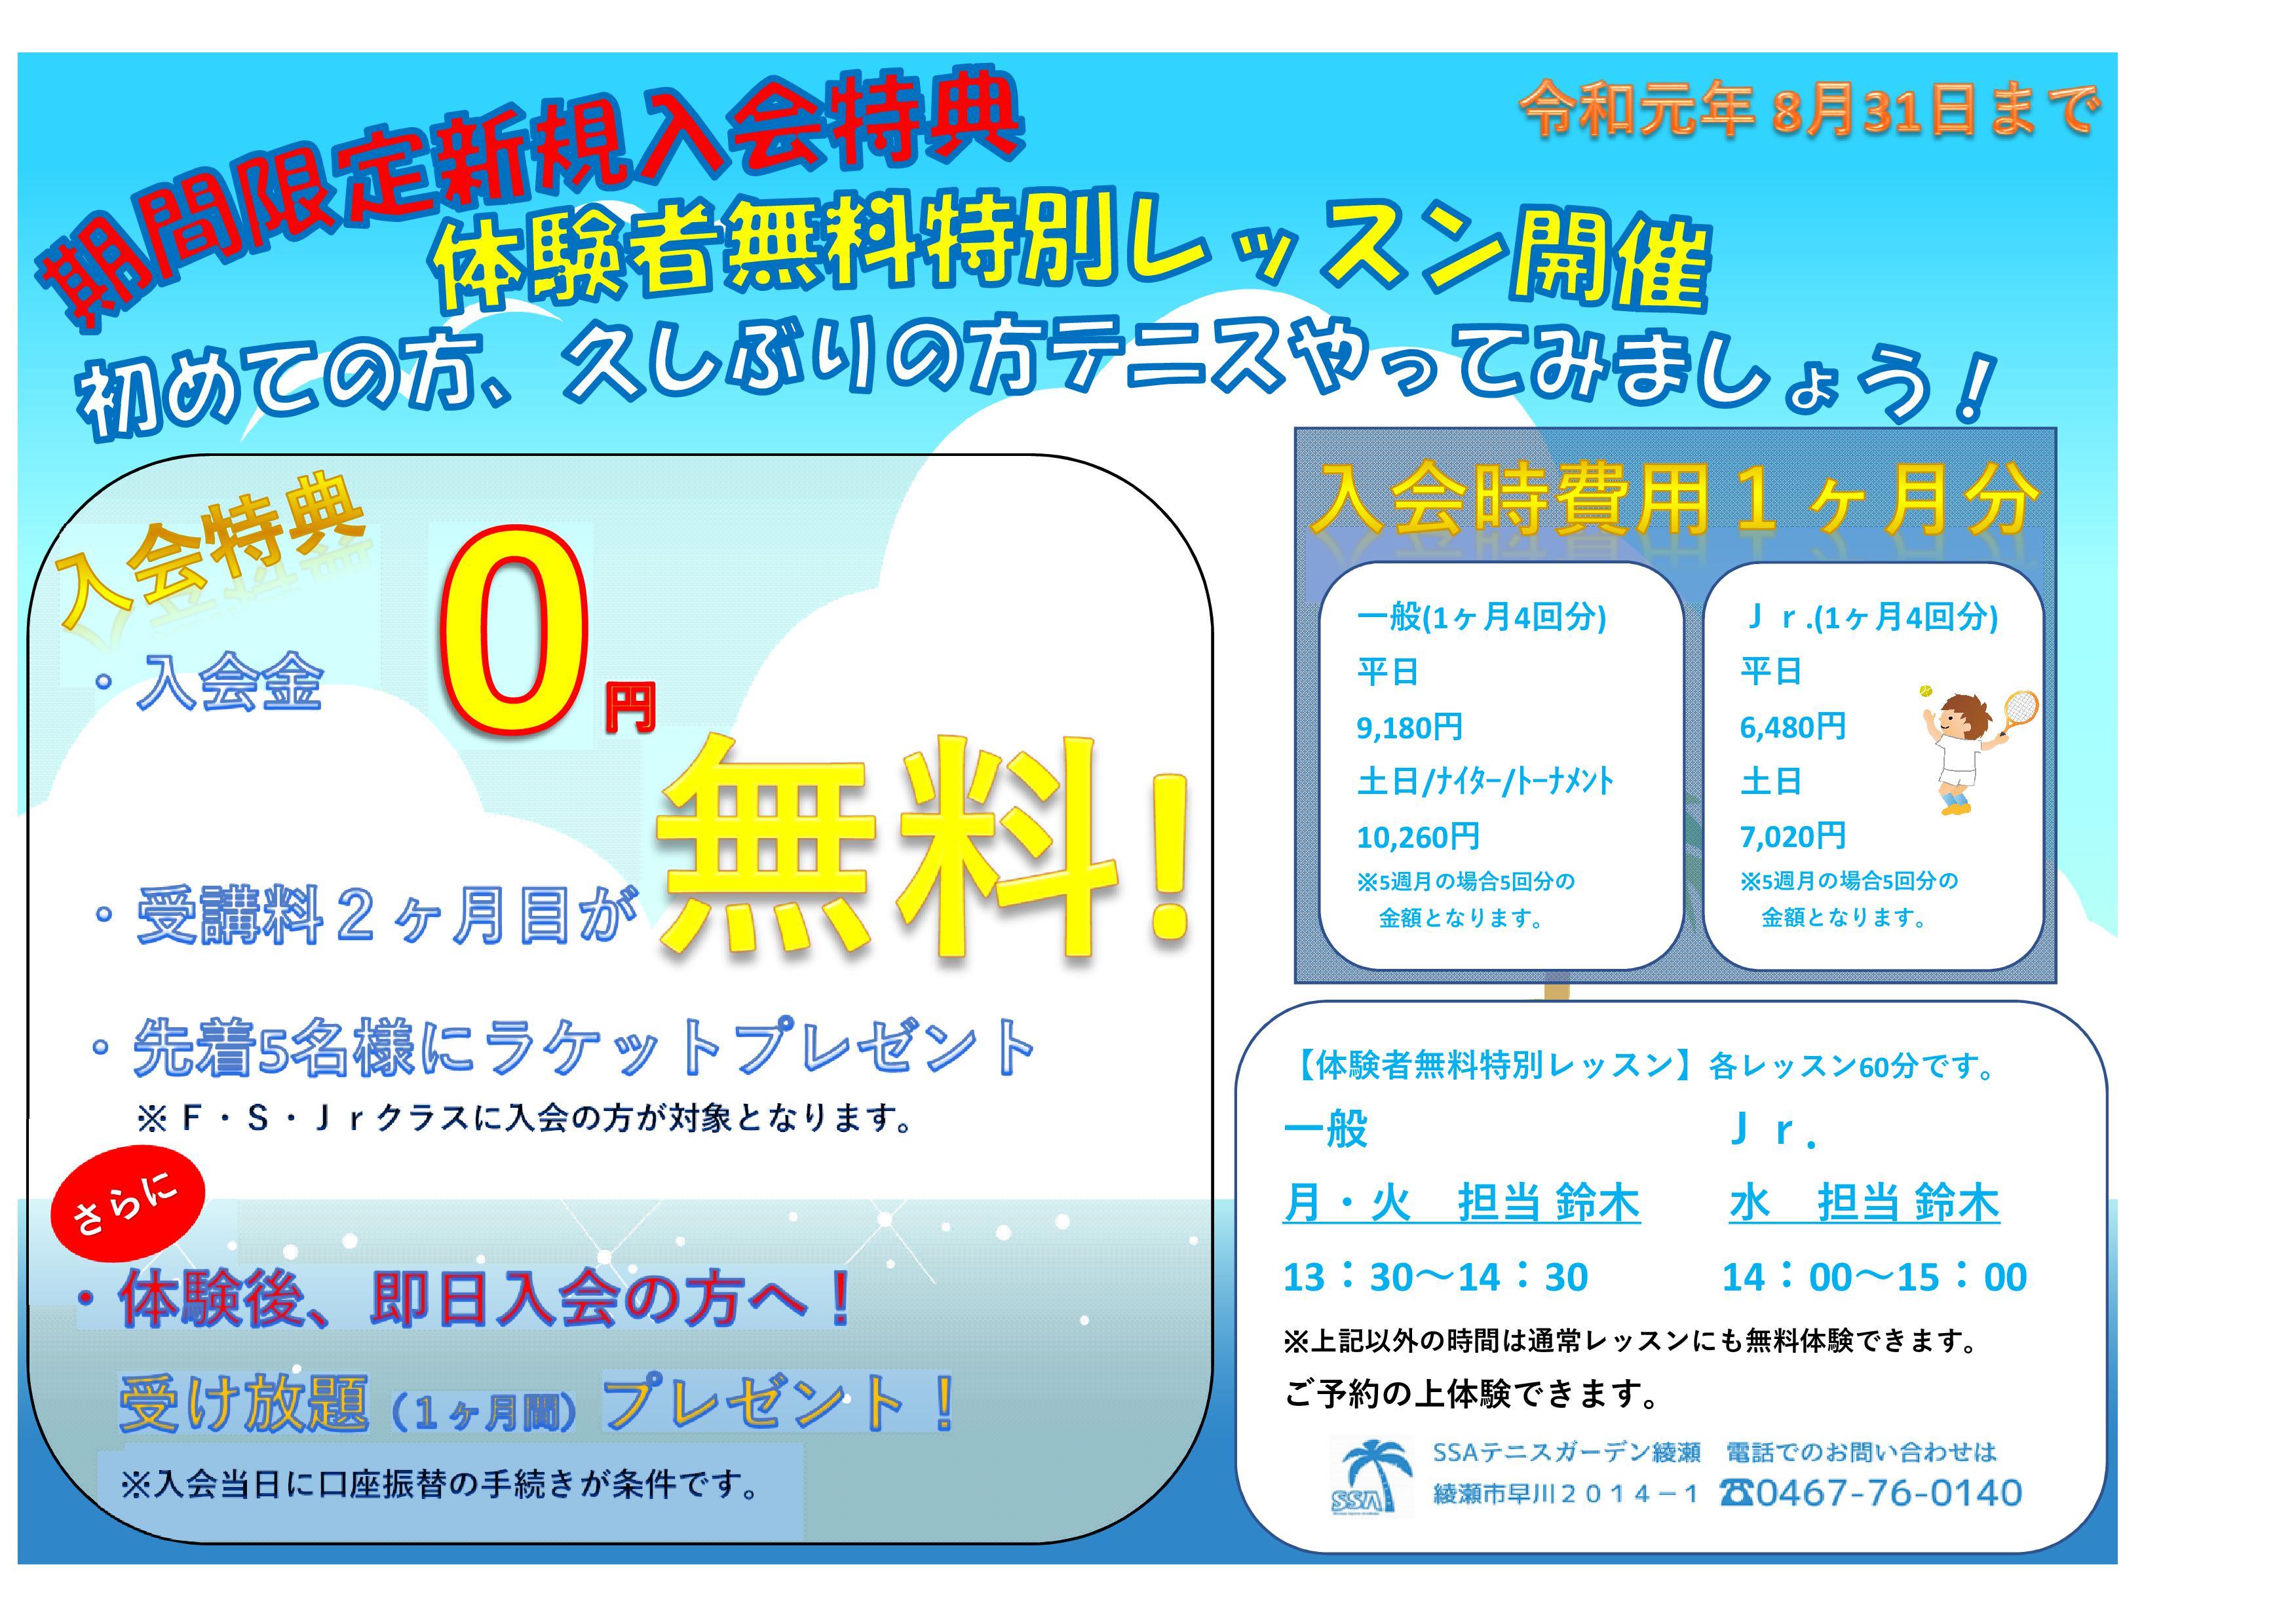 sinn-チラシ-001 8月の特別体験レッスン開催中!